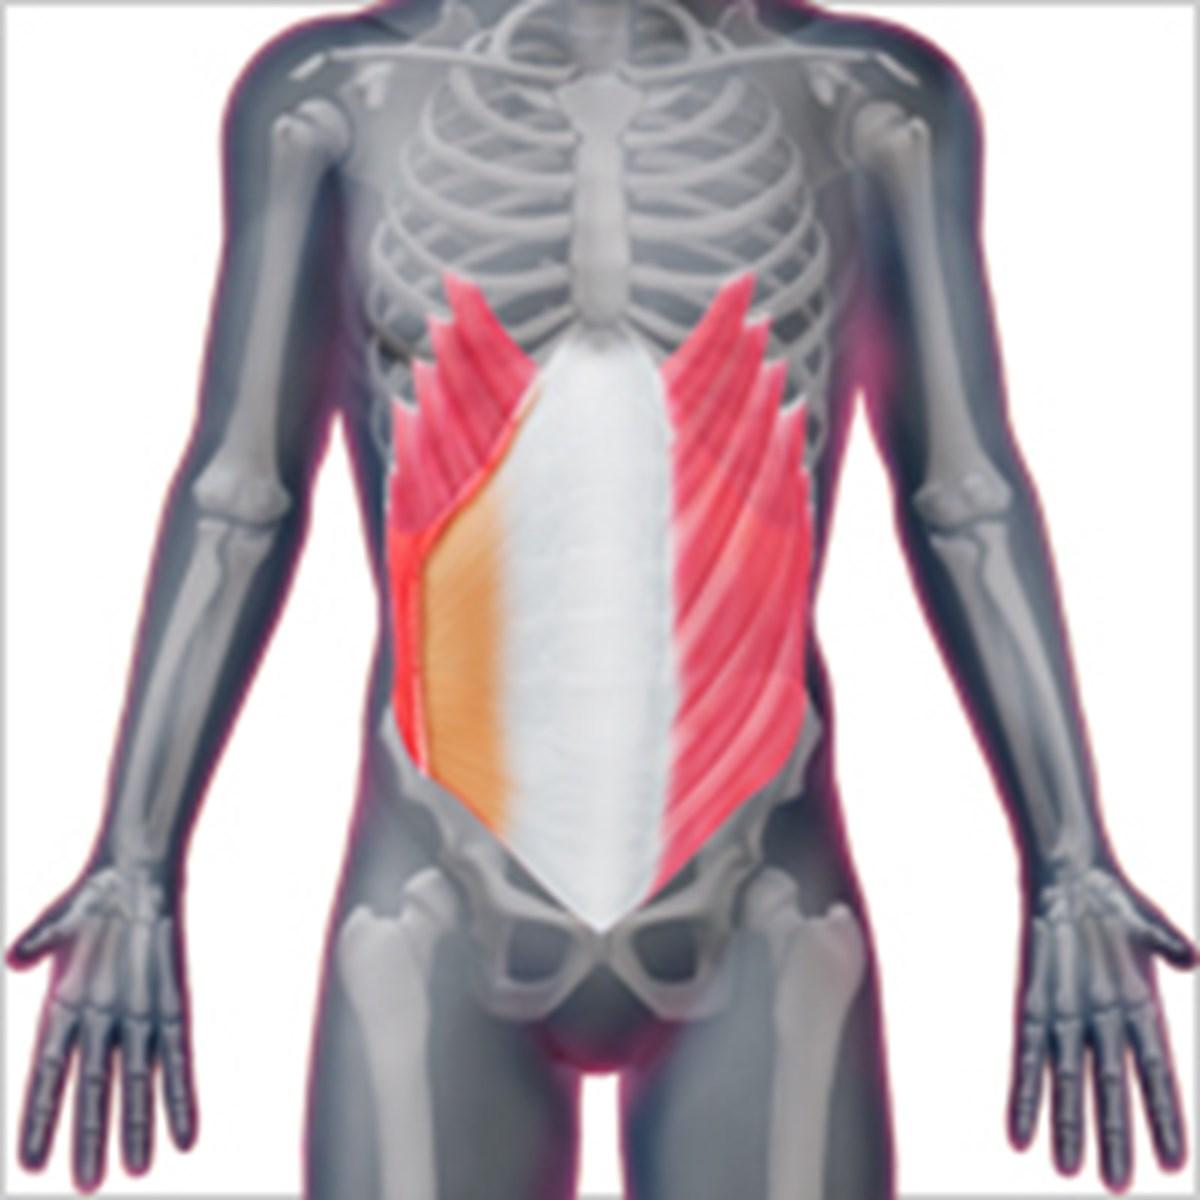 の な 痛み 右 脇腹 痛 筋肉 よう 2週間前から右脇腹が筋肉痛のような痛みが続き明後日病院へ行こうと思います、何科